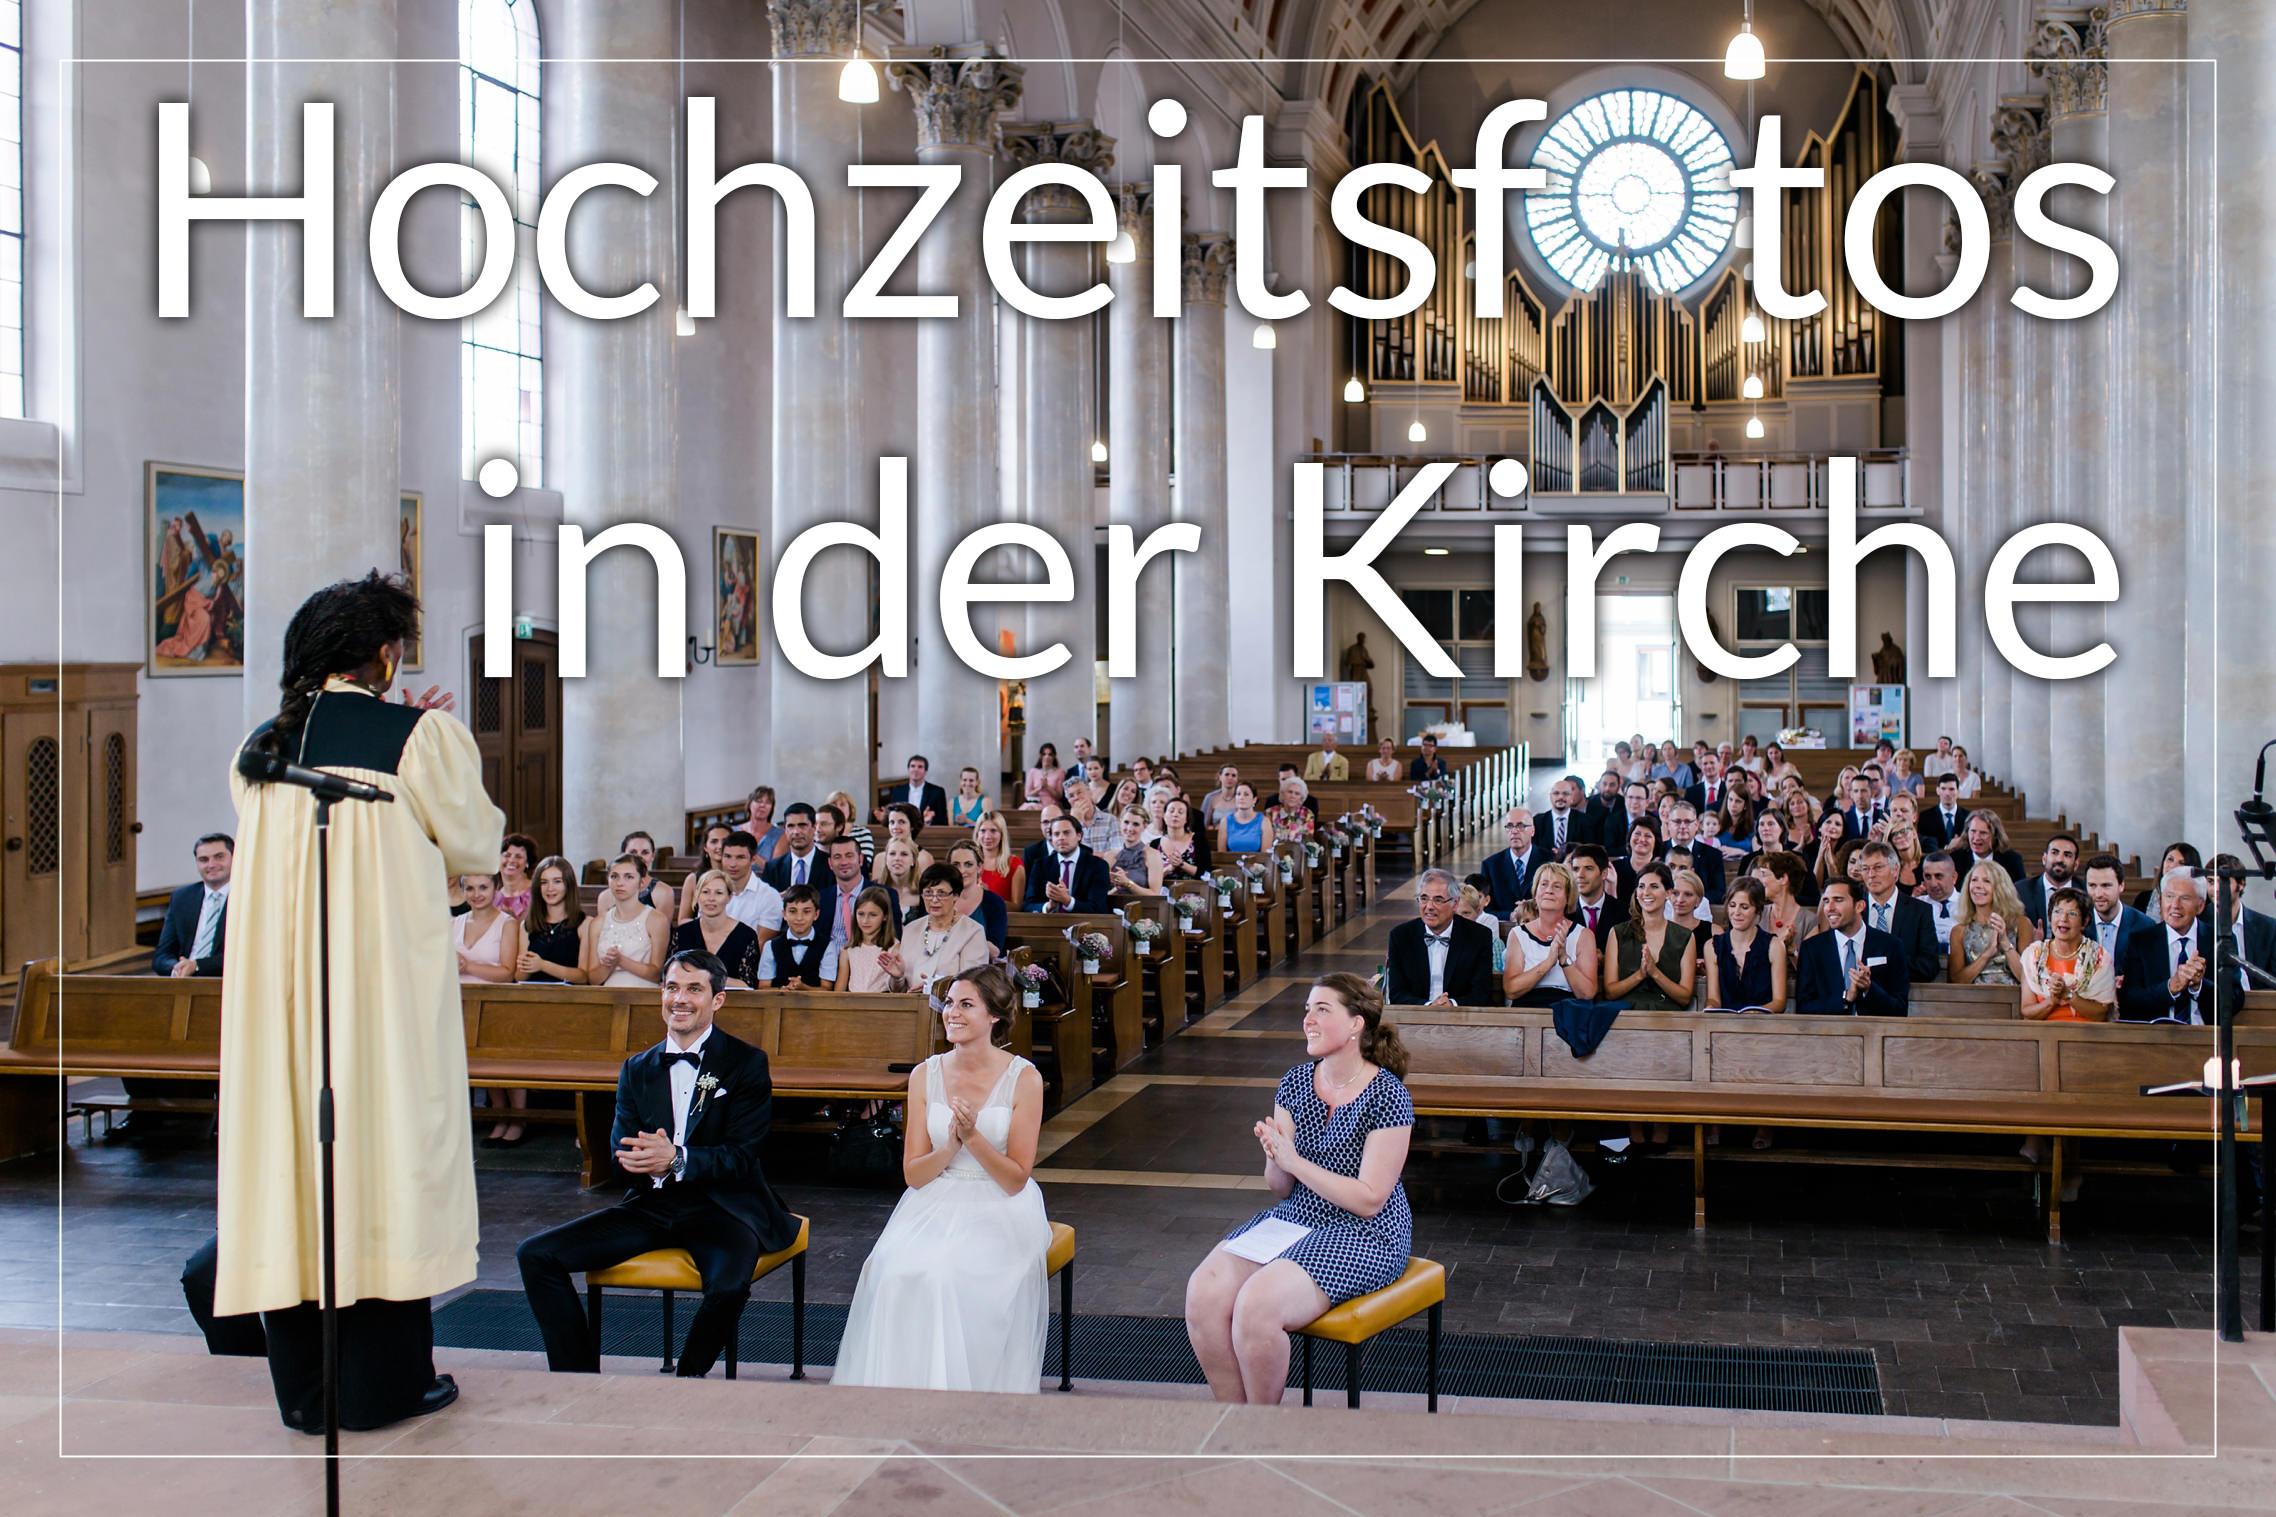 10 Tipps für perfekte Hochzeitsfotos aus Sicht eines Fotografen: in der Kirche sollten die Gäste keine Bilder schießen!